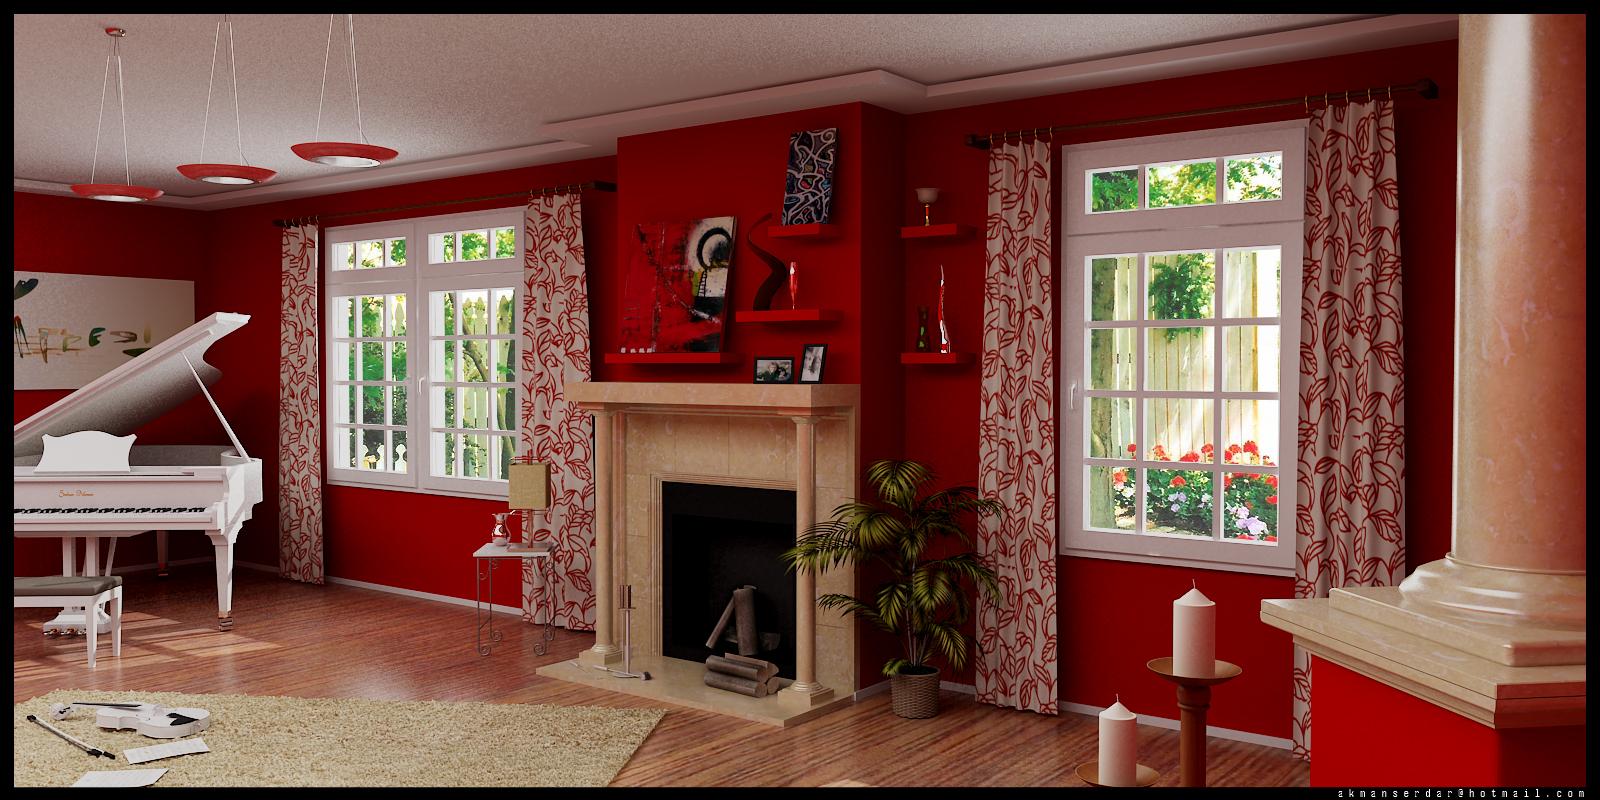 Dubbelvikat vardagsrumsfönster.  Källa: home-designing.com